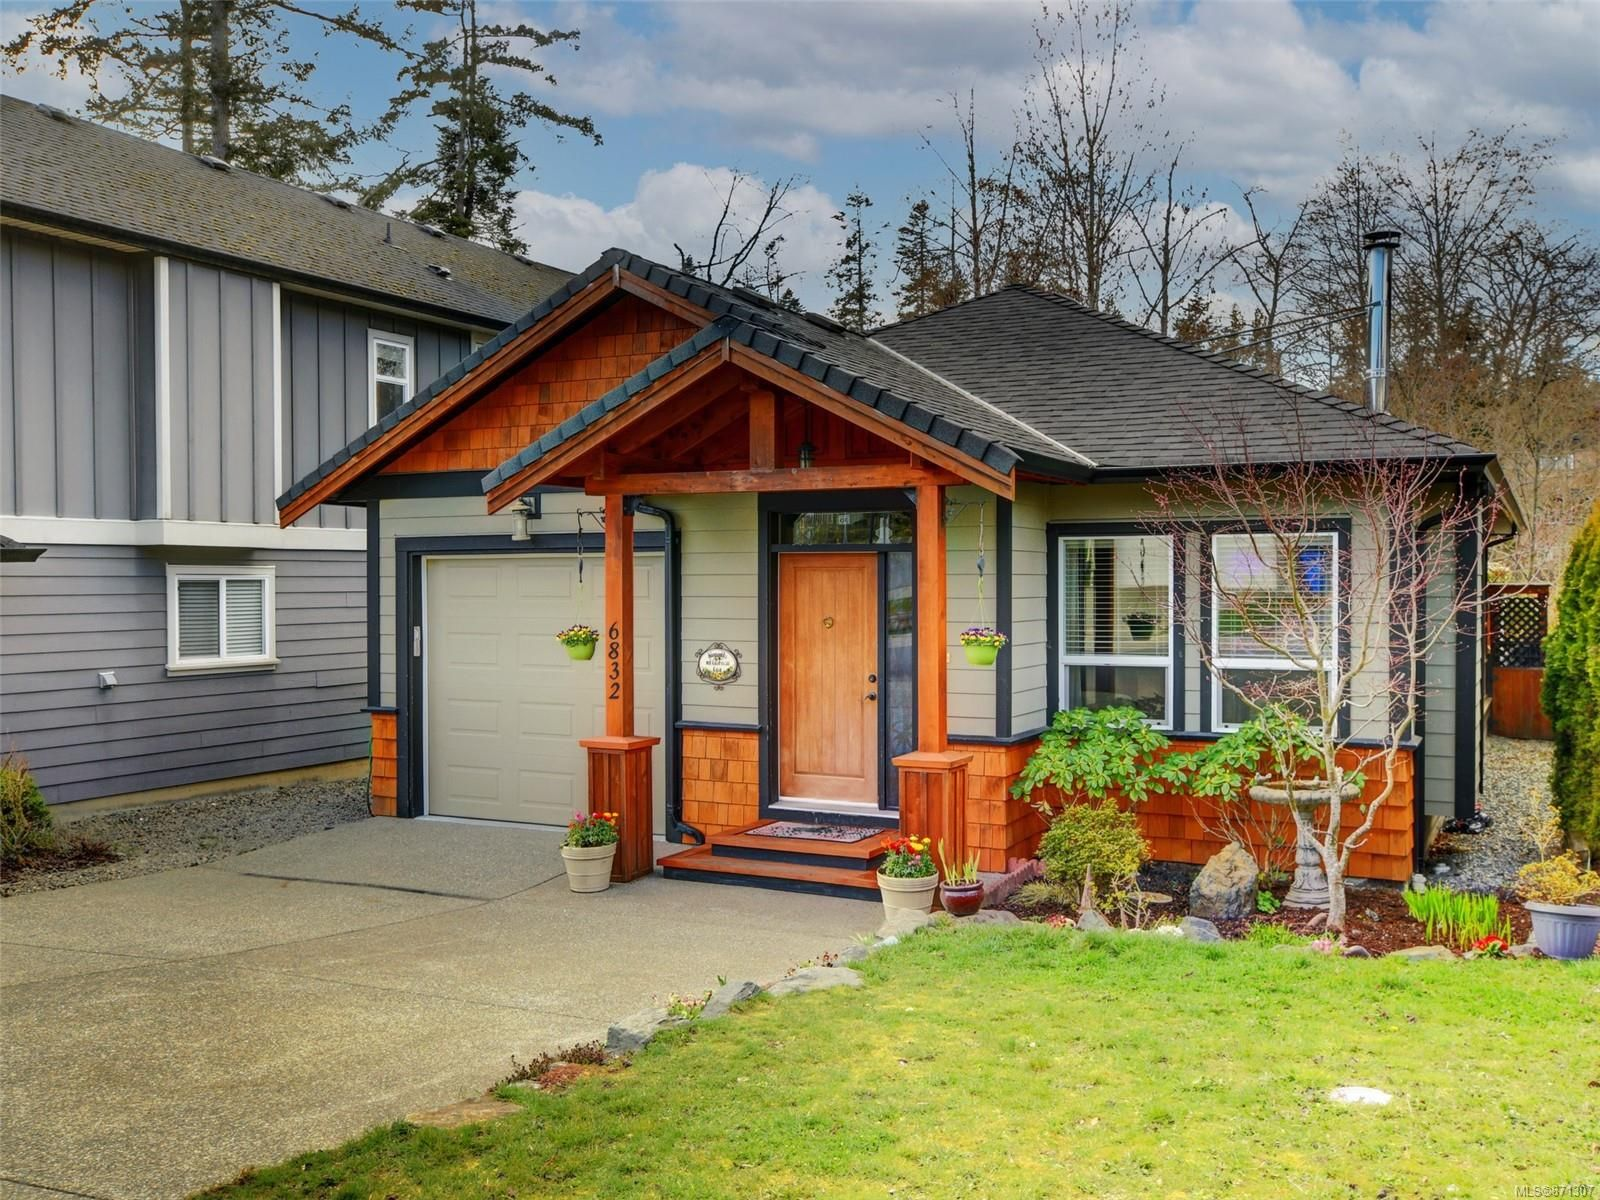 Main Photo: 6832 Marsden Rd in : Sk Sooke Vill Core House for sale (Sooke)  : MLS®# 871307